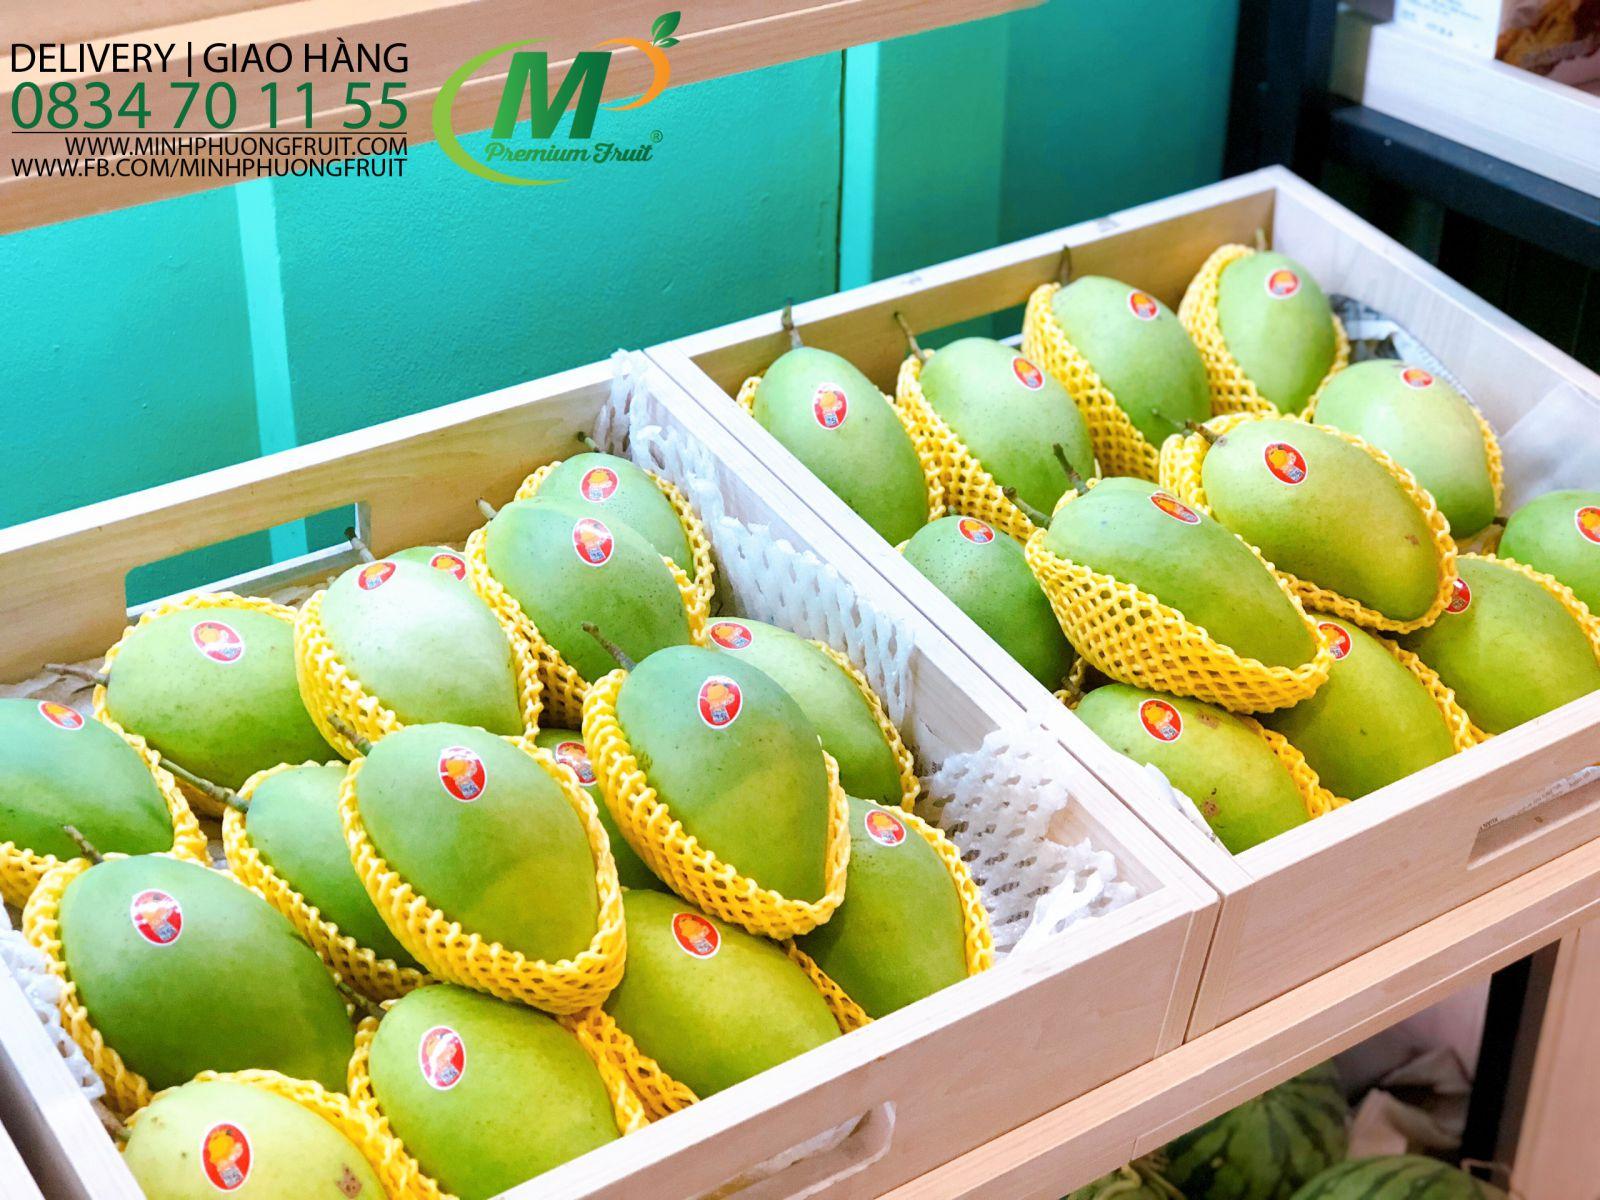 Xoài Cát Hòa Lộc Mango King - MP Fruit